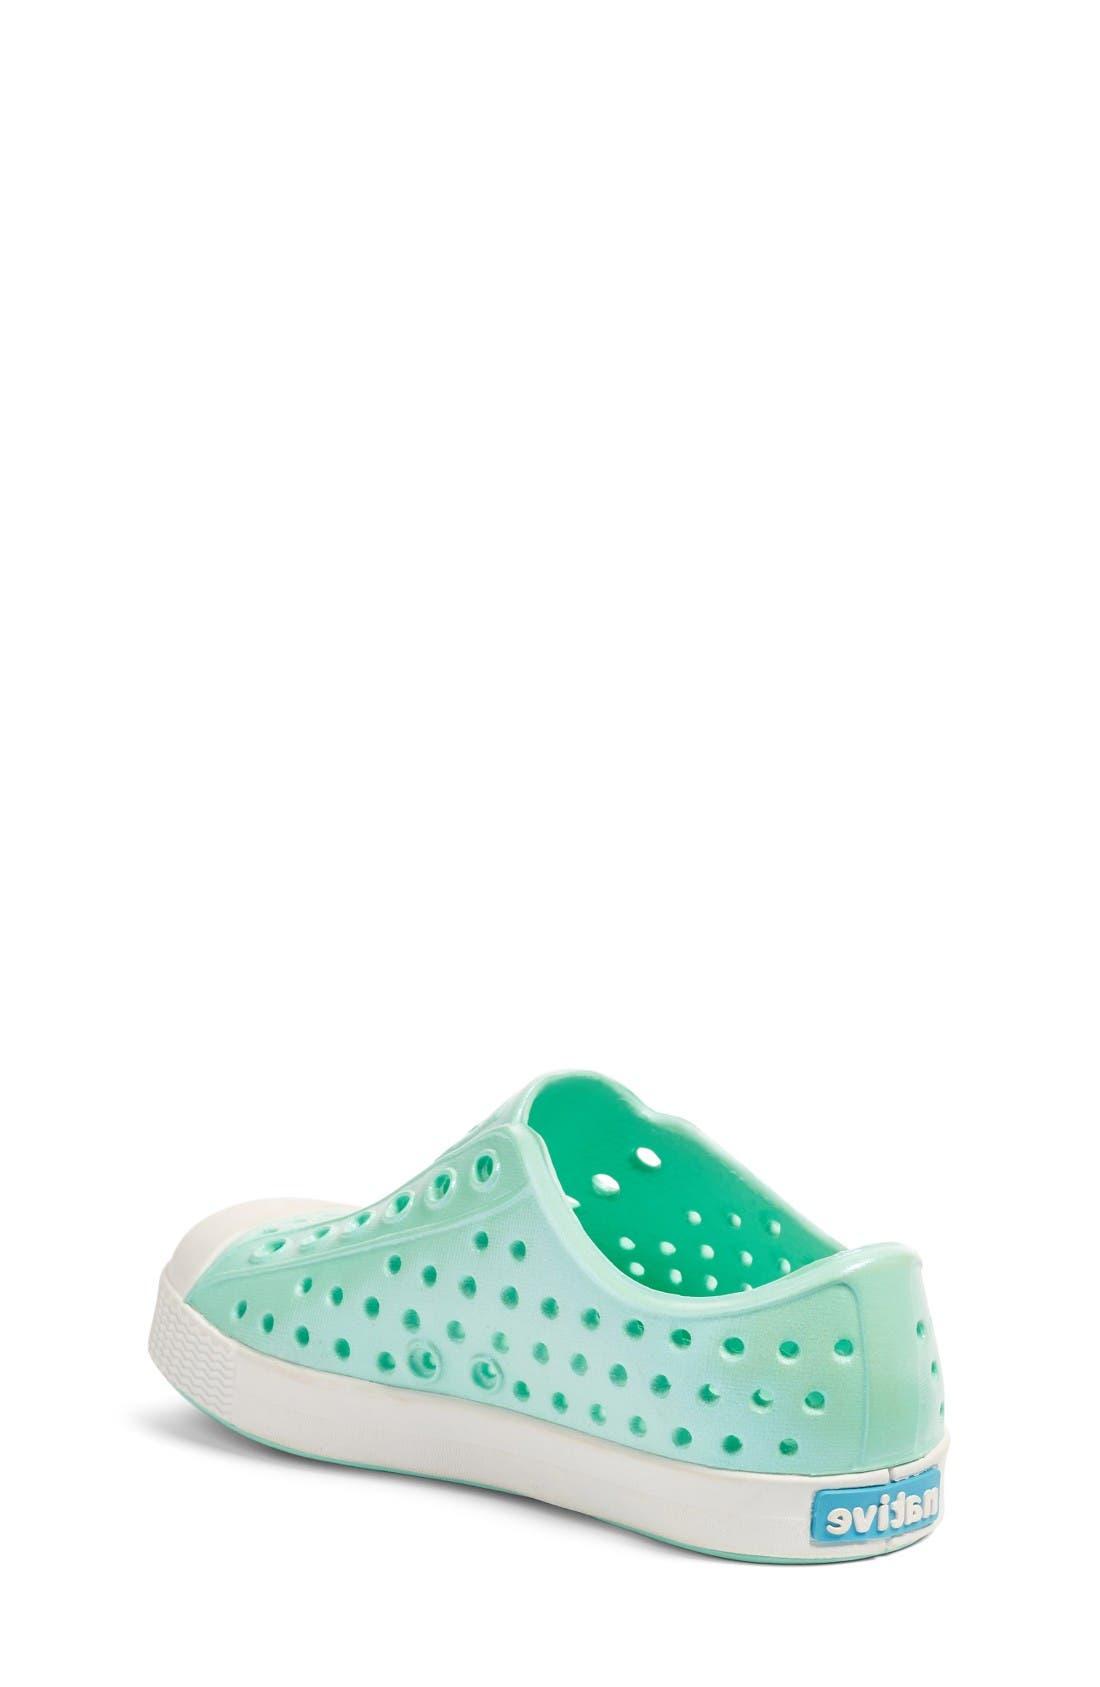 Alternate Image 2  - Native Shoes 'Jefferson' Iridescent Slip-On Sneaker (Baby, Walker, Toddler & Little Kid)